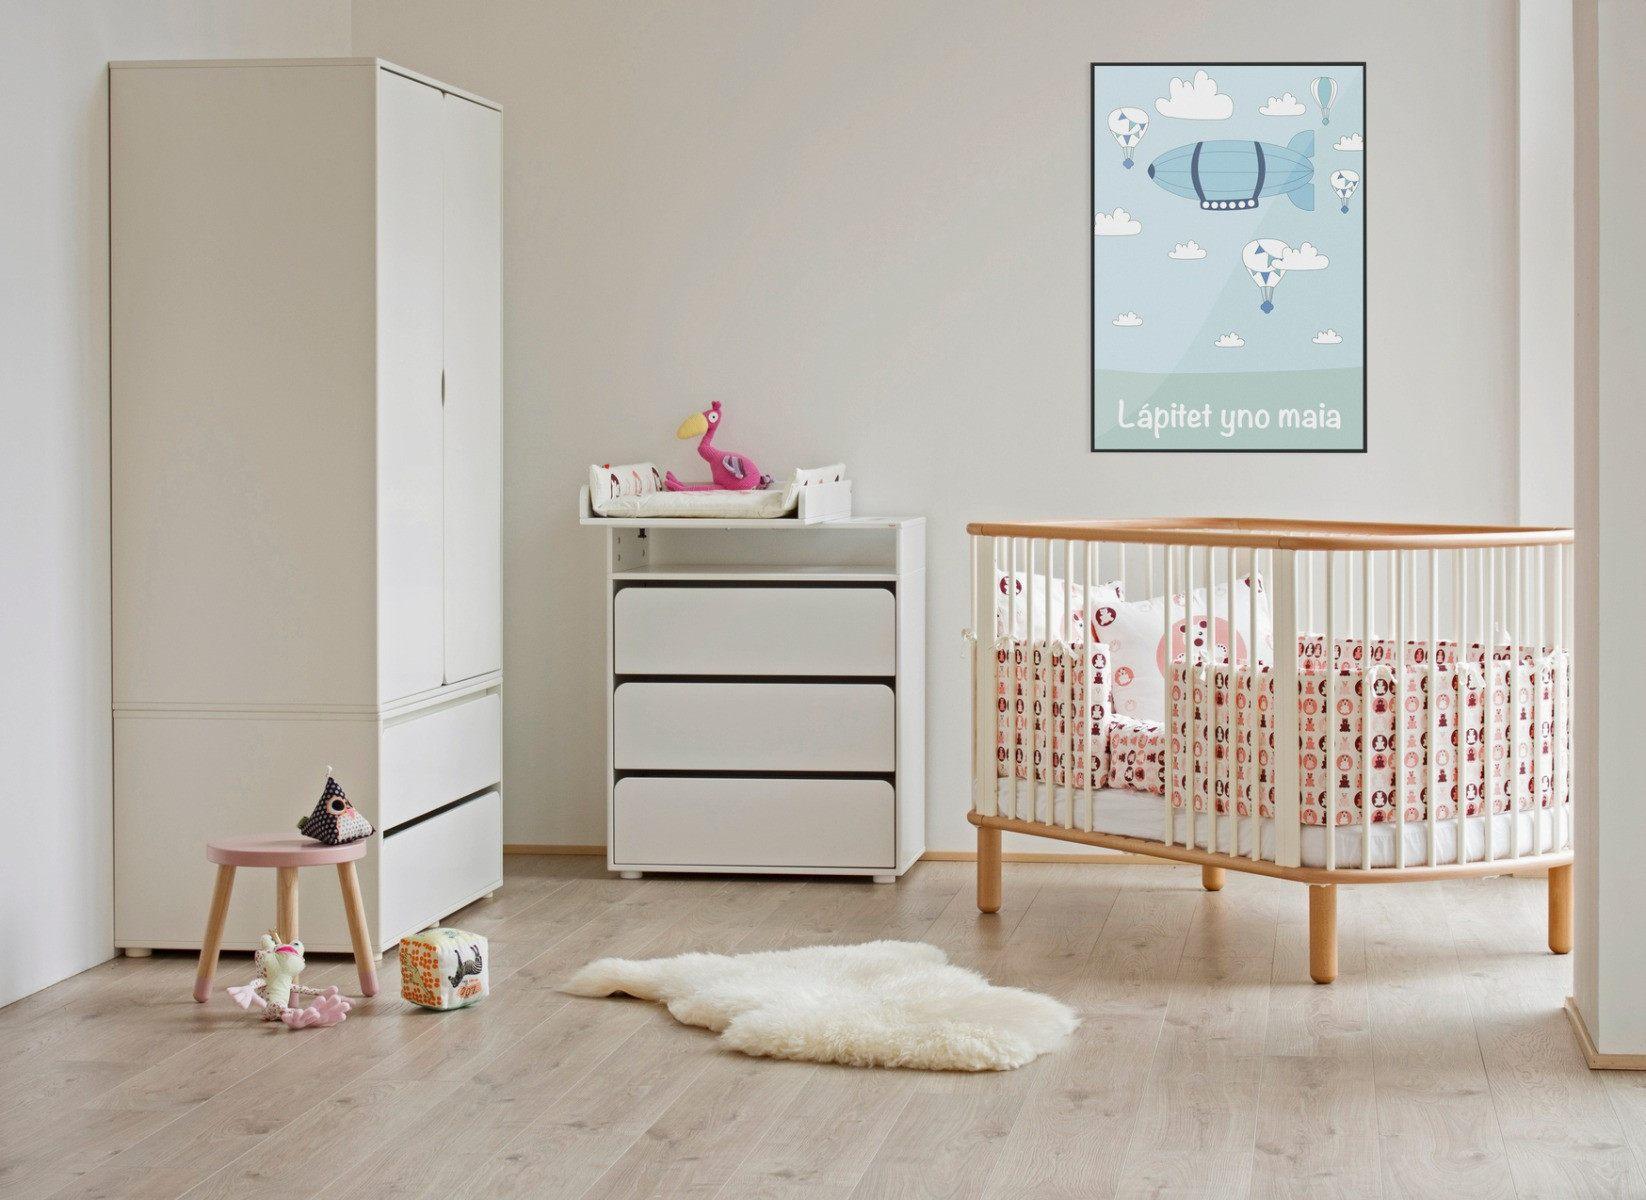 Soldes Lit Enfant Magnifique Meuble A Langer Pas Cher Lit Table A Langer Table E Langer Murale